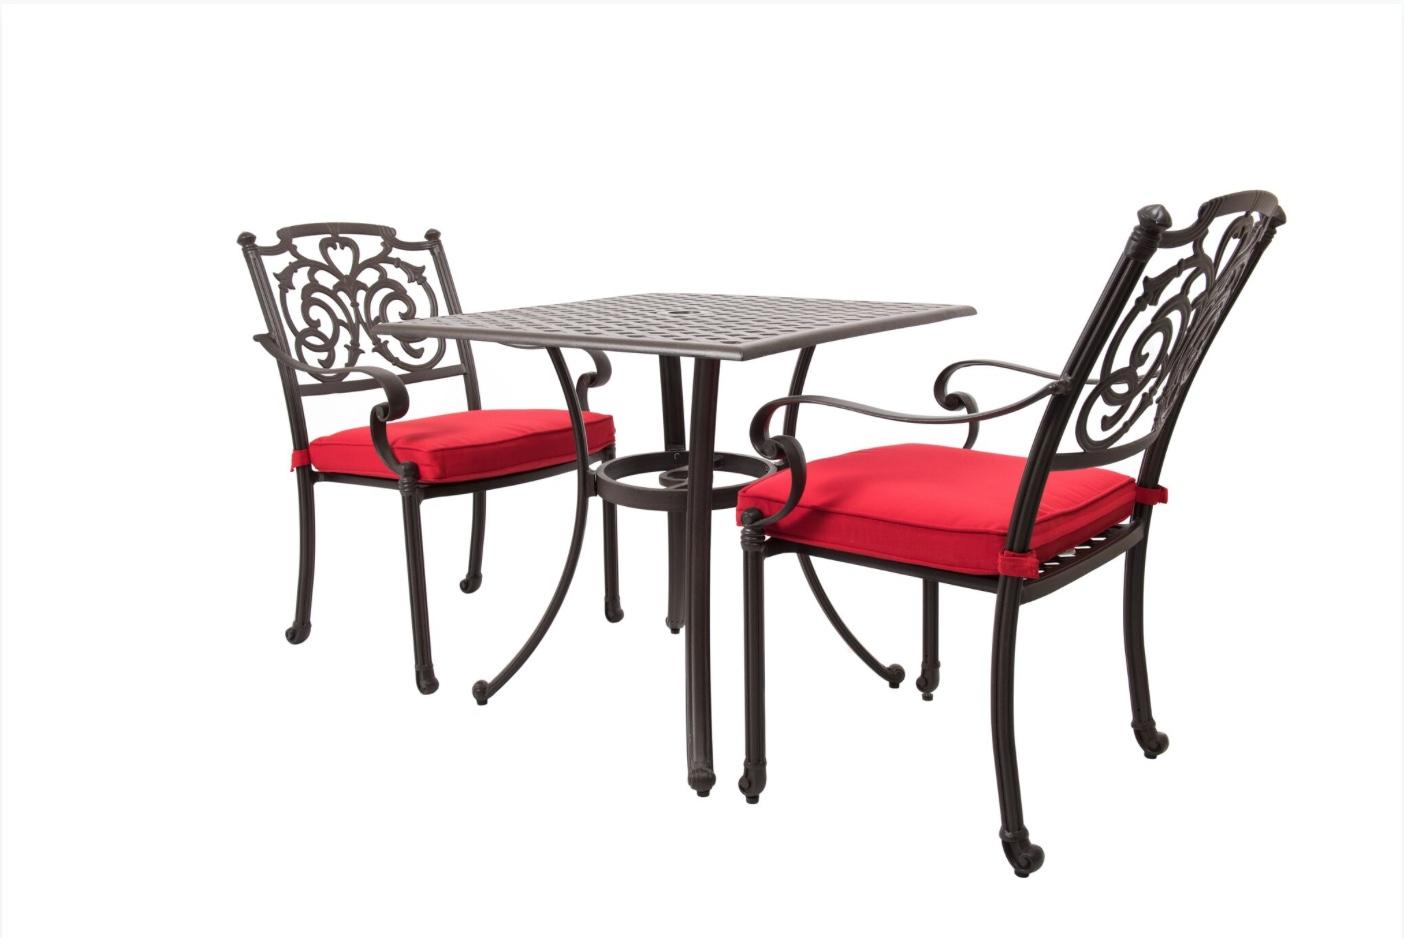 wd patio sandals bistro set aluminum red